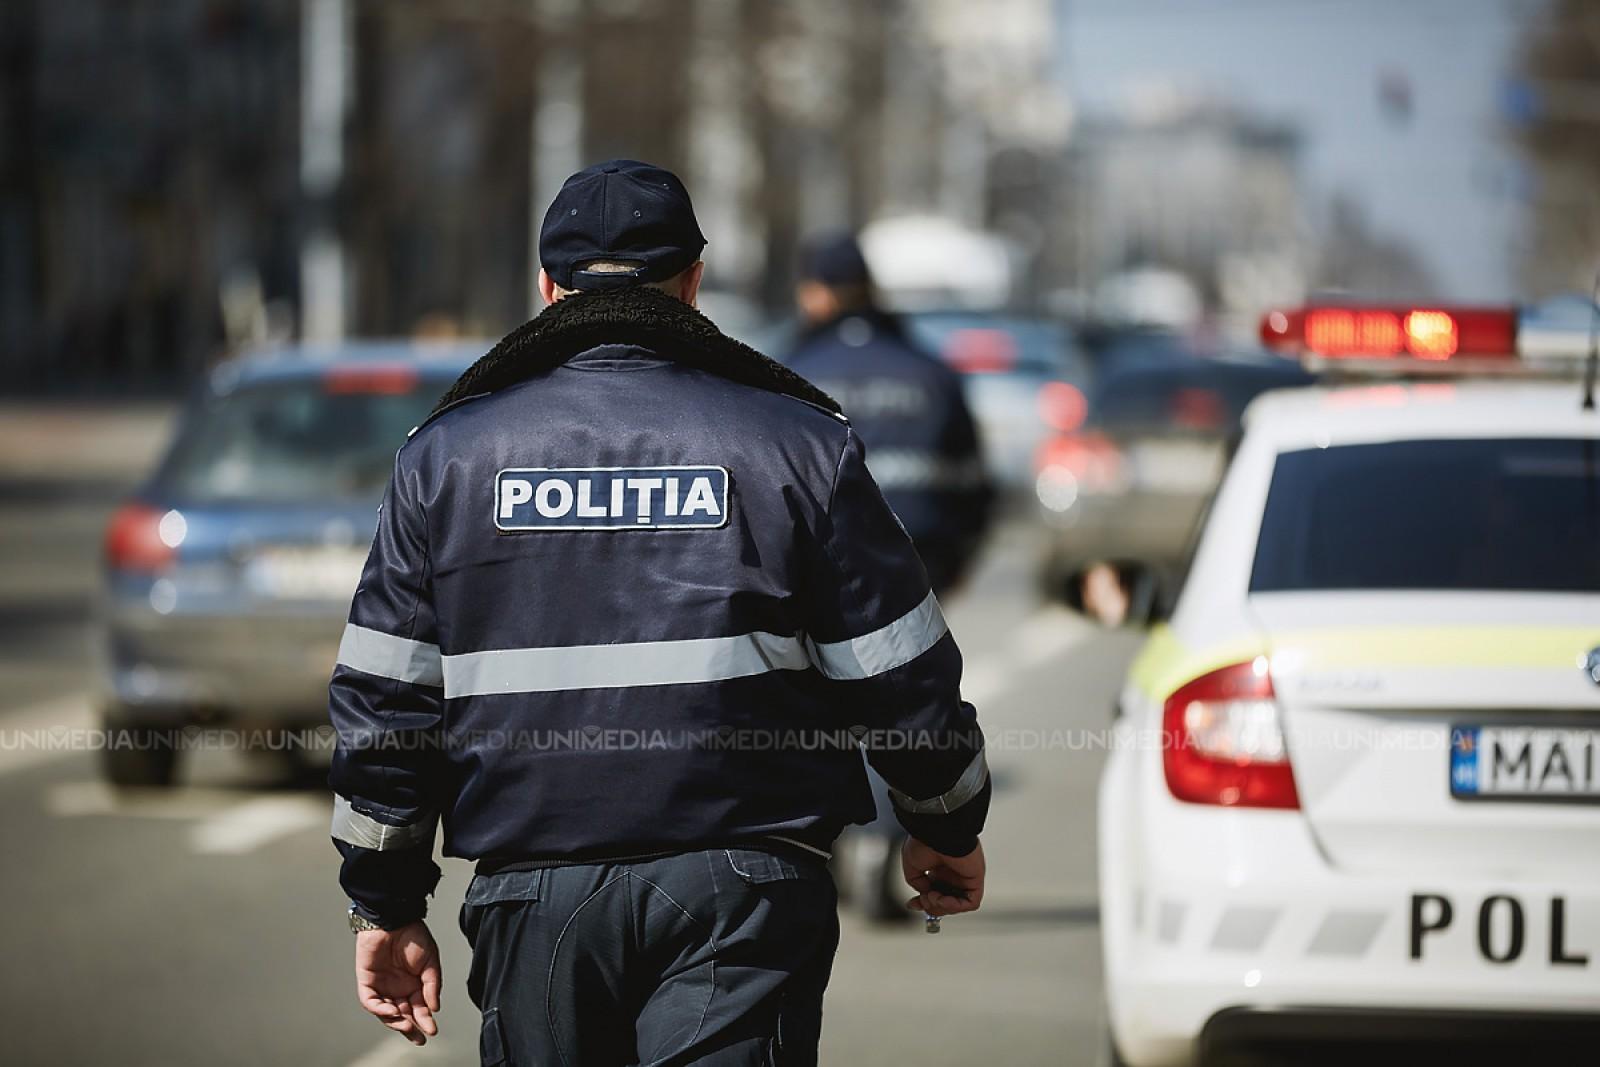 Lupta continuă: MAI creează noi măsuri pentru prevenirea și combaterea corupției în rândul polițiștilor